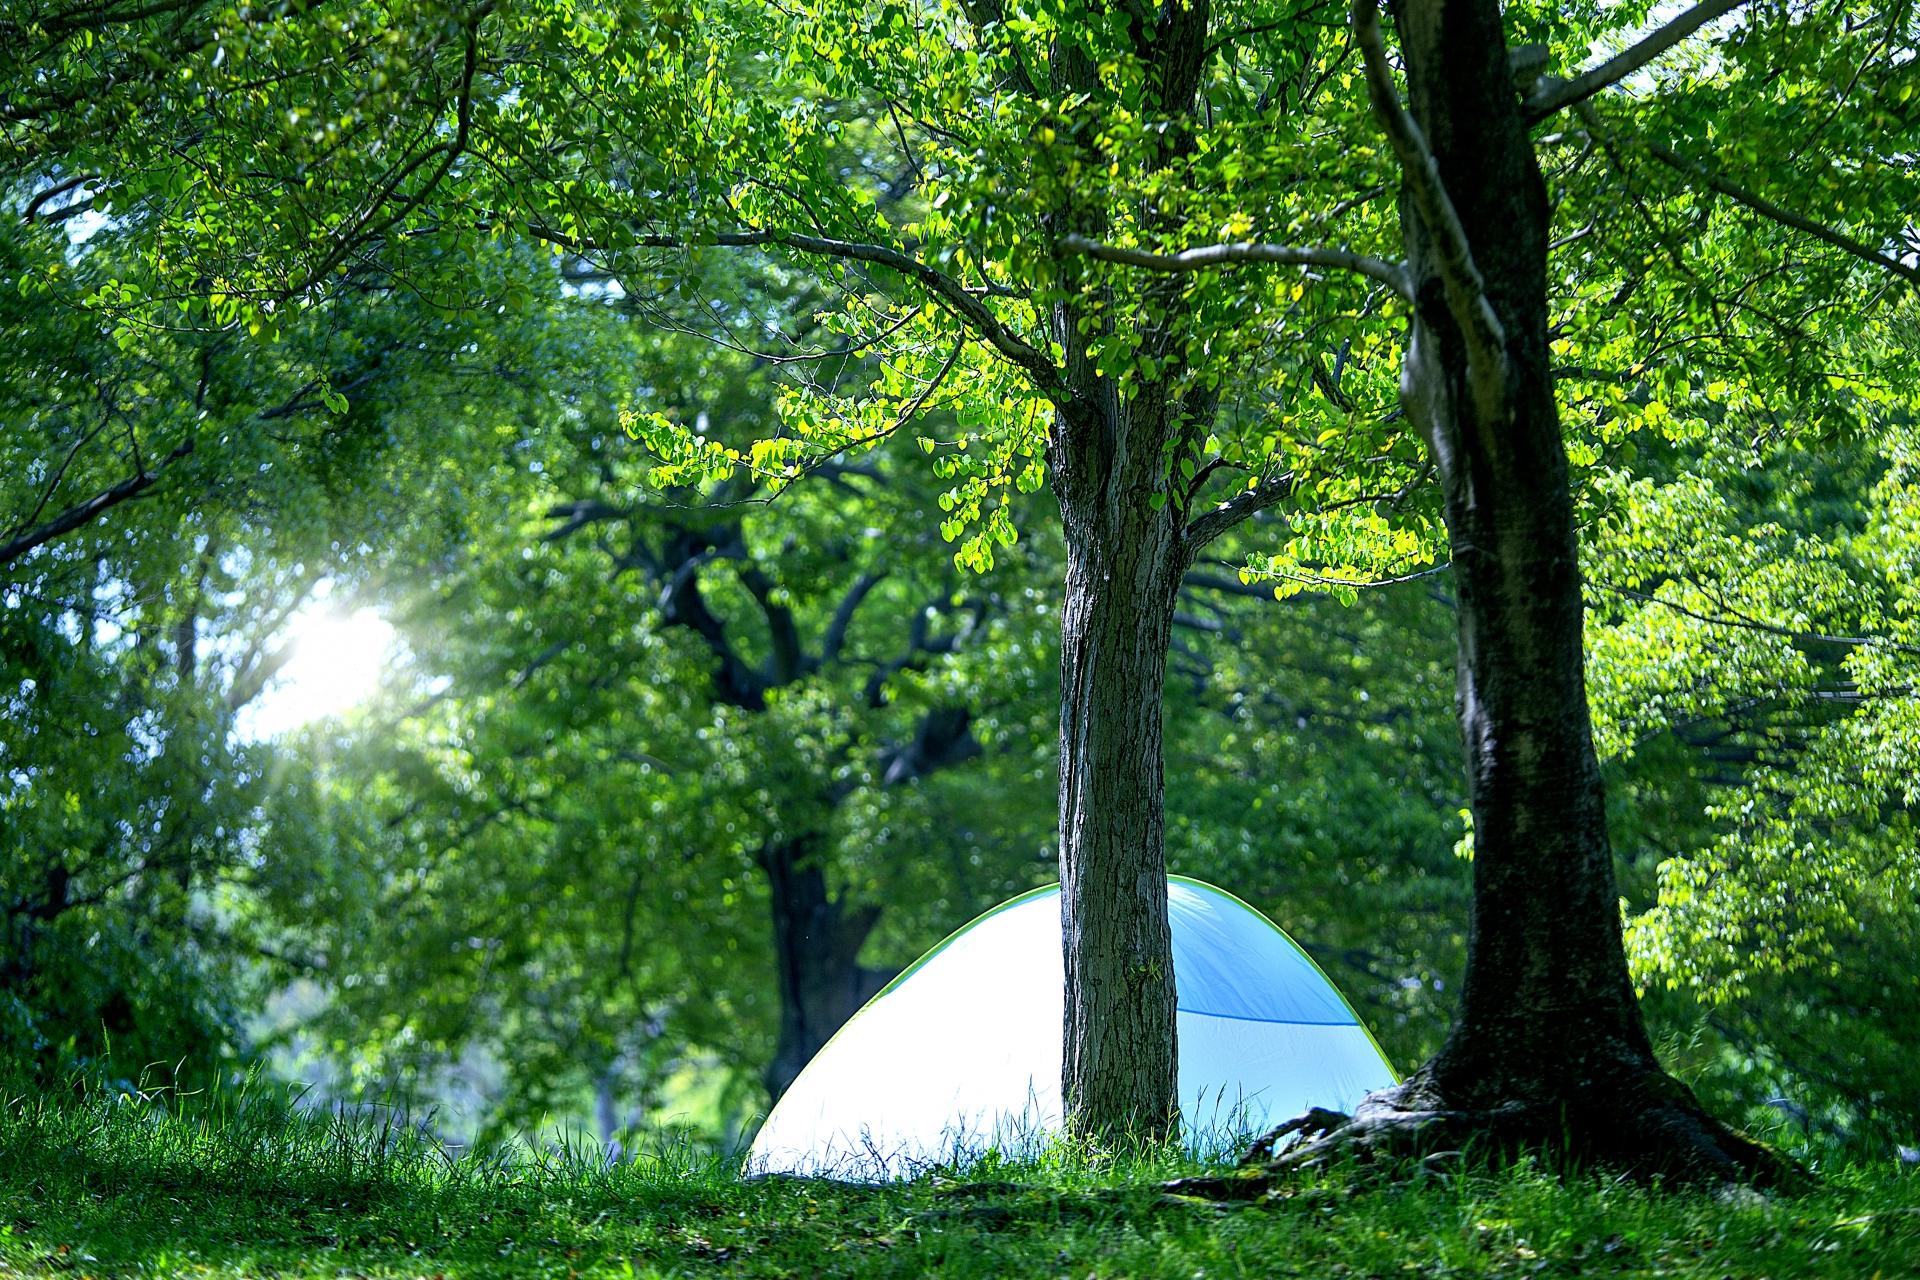 「ひとりキャンプで食って寝る」1話2話のあらすじネタバレ!ロケ地も気になるひとりキャンプ飯!